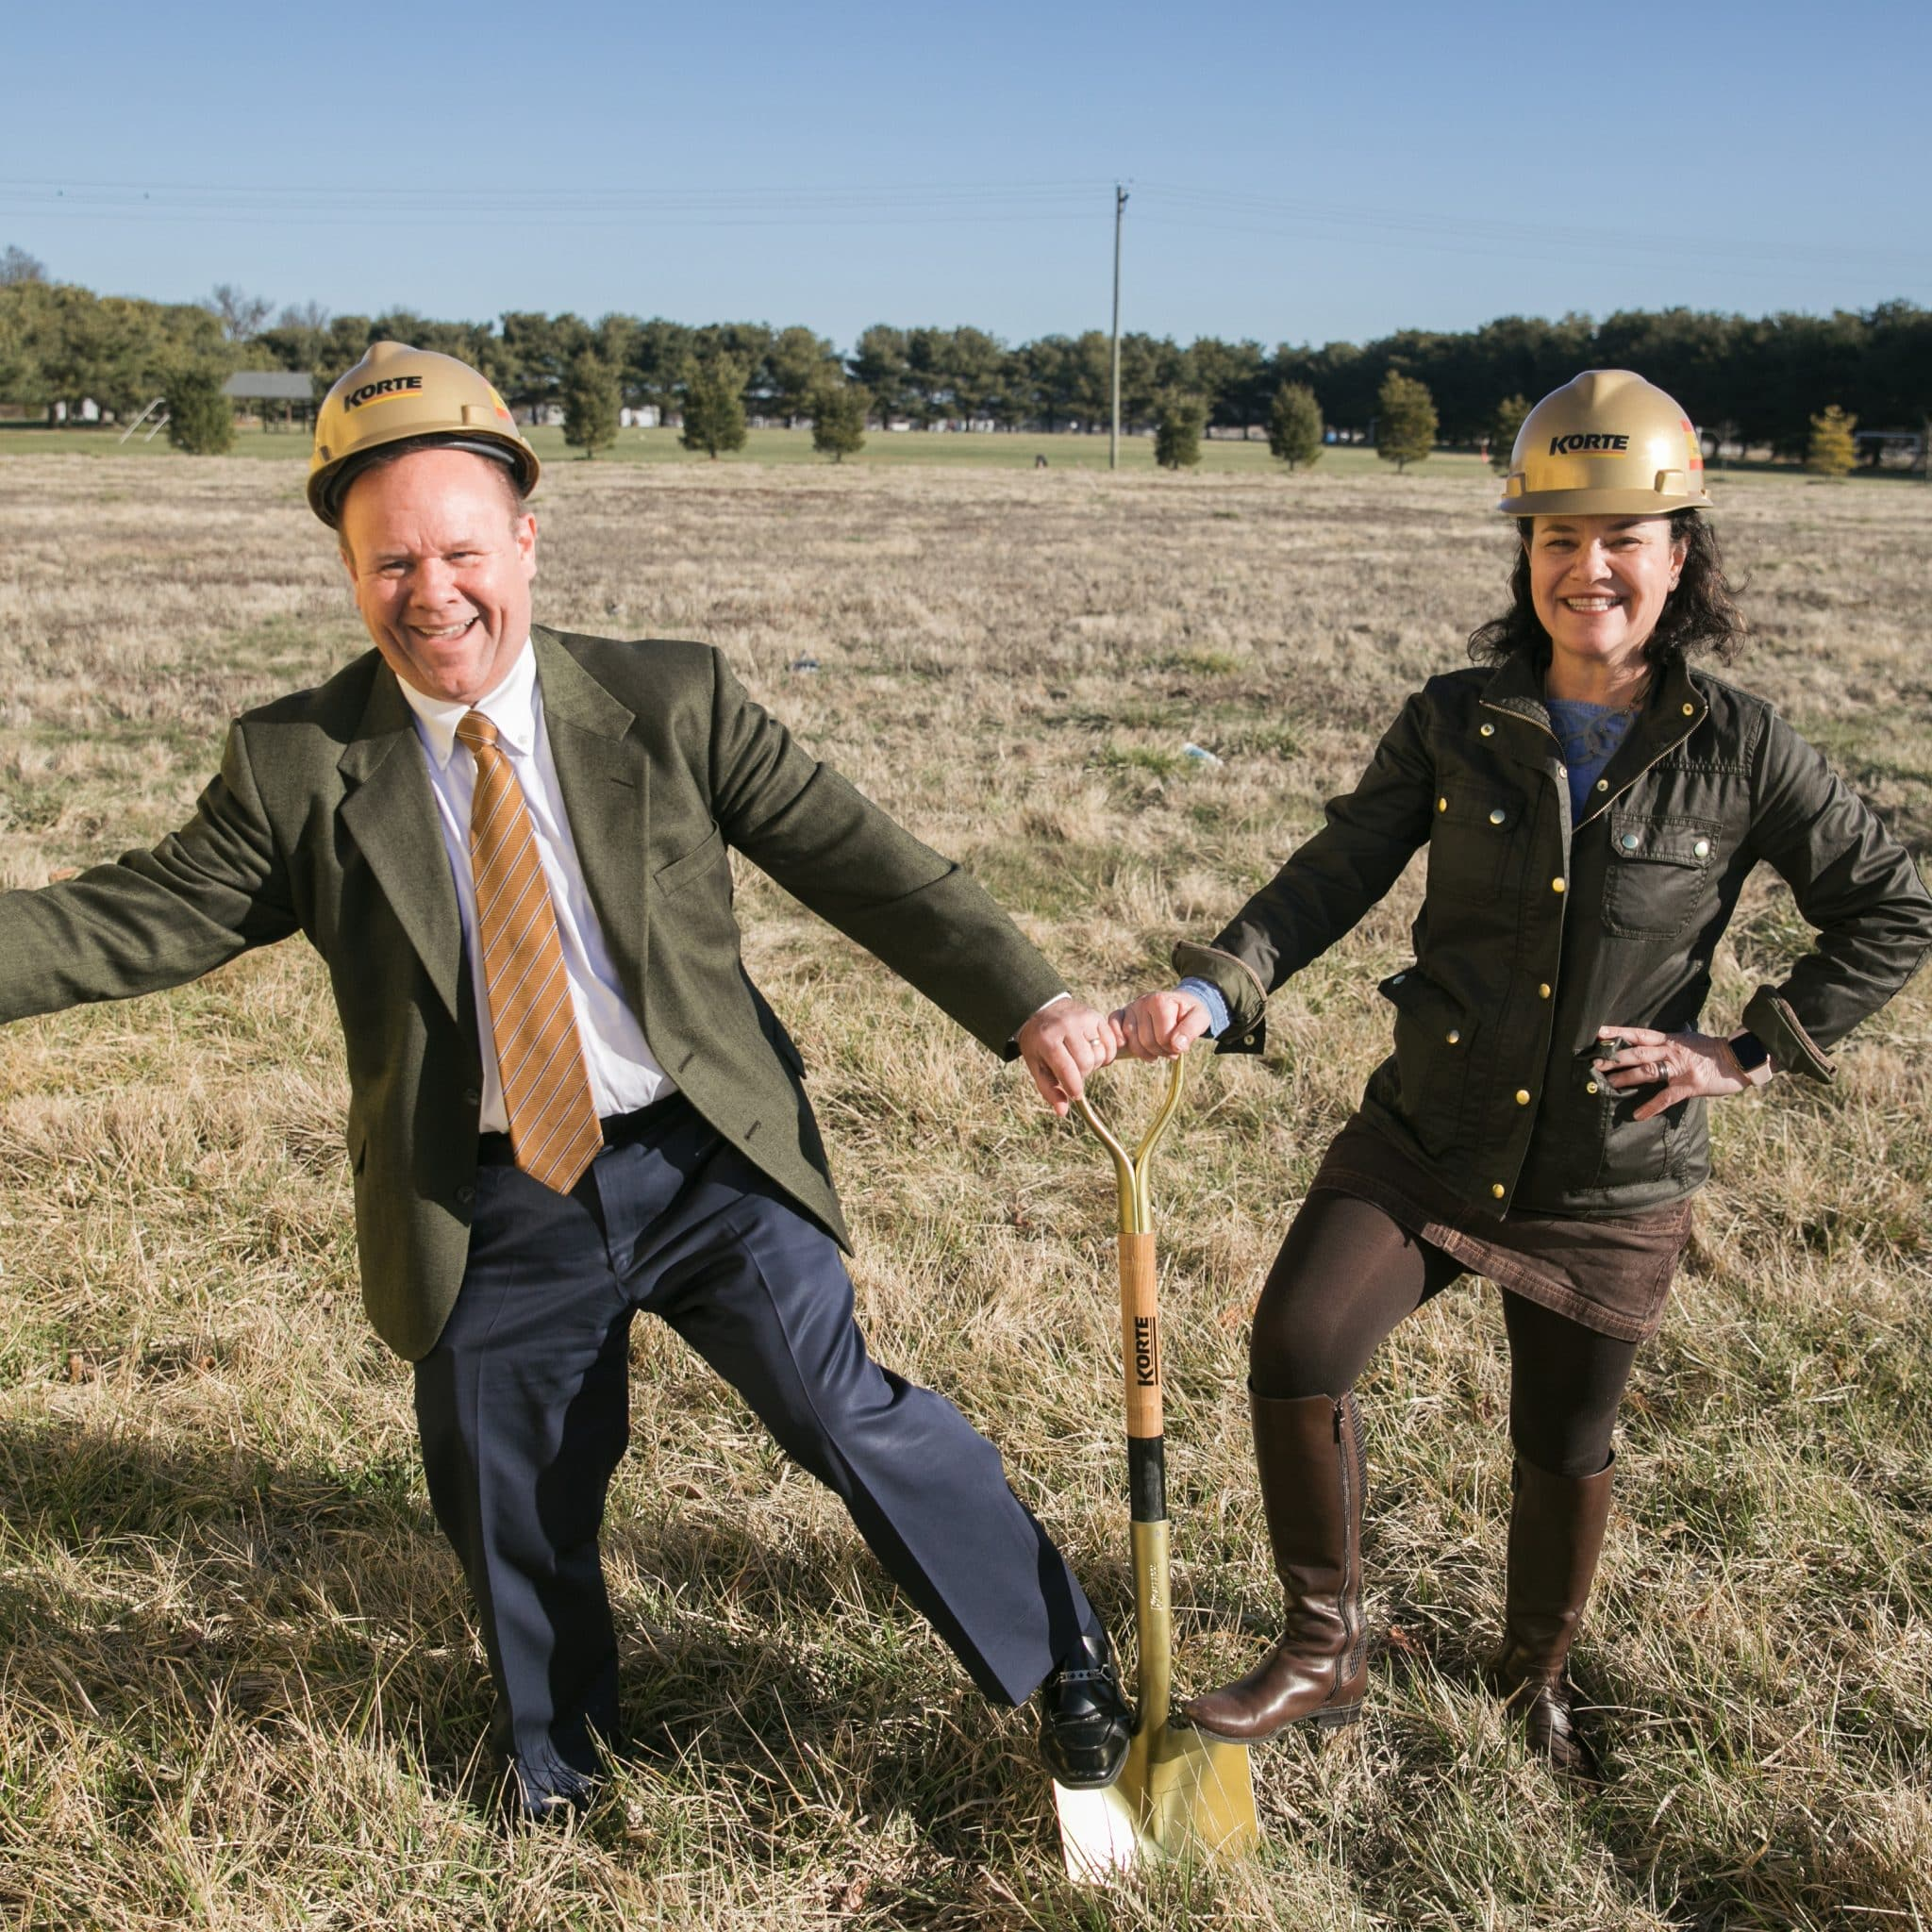 Todd Korte and Judy Glik, 2020